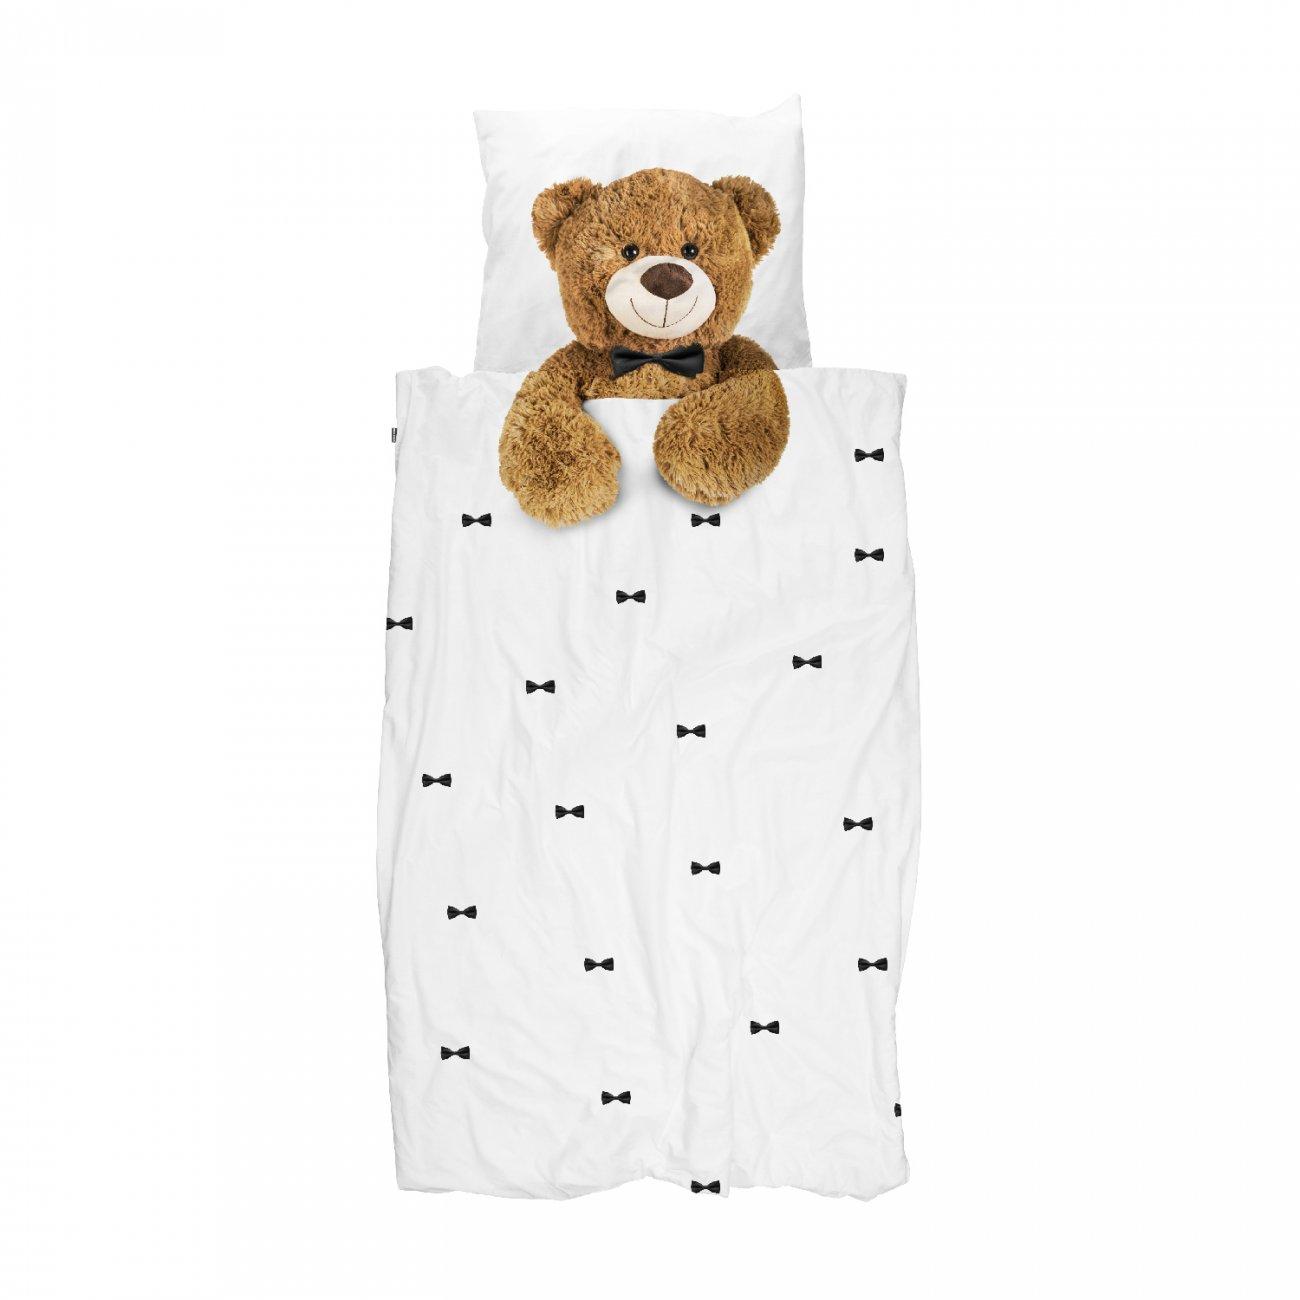 Snurk Bettwäsche Teddy 155 X 220 Cm 100 Baumwolle Deko Ambiente